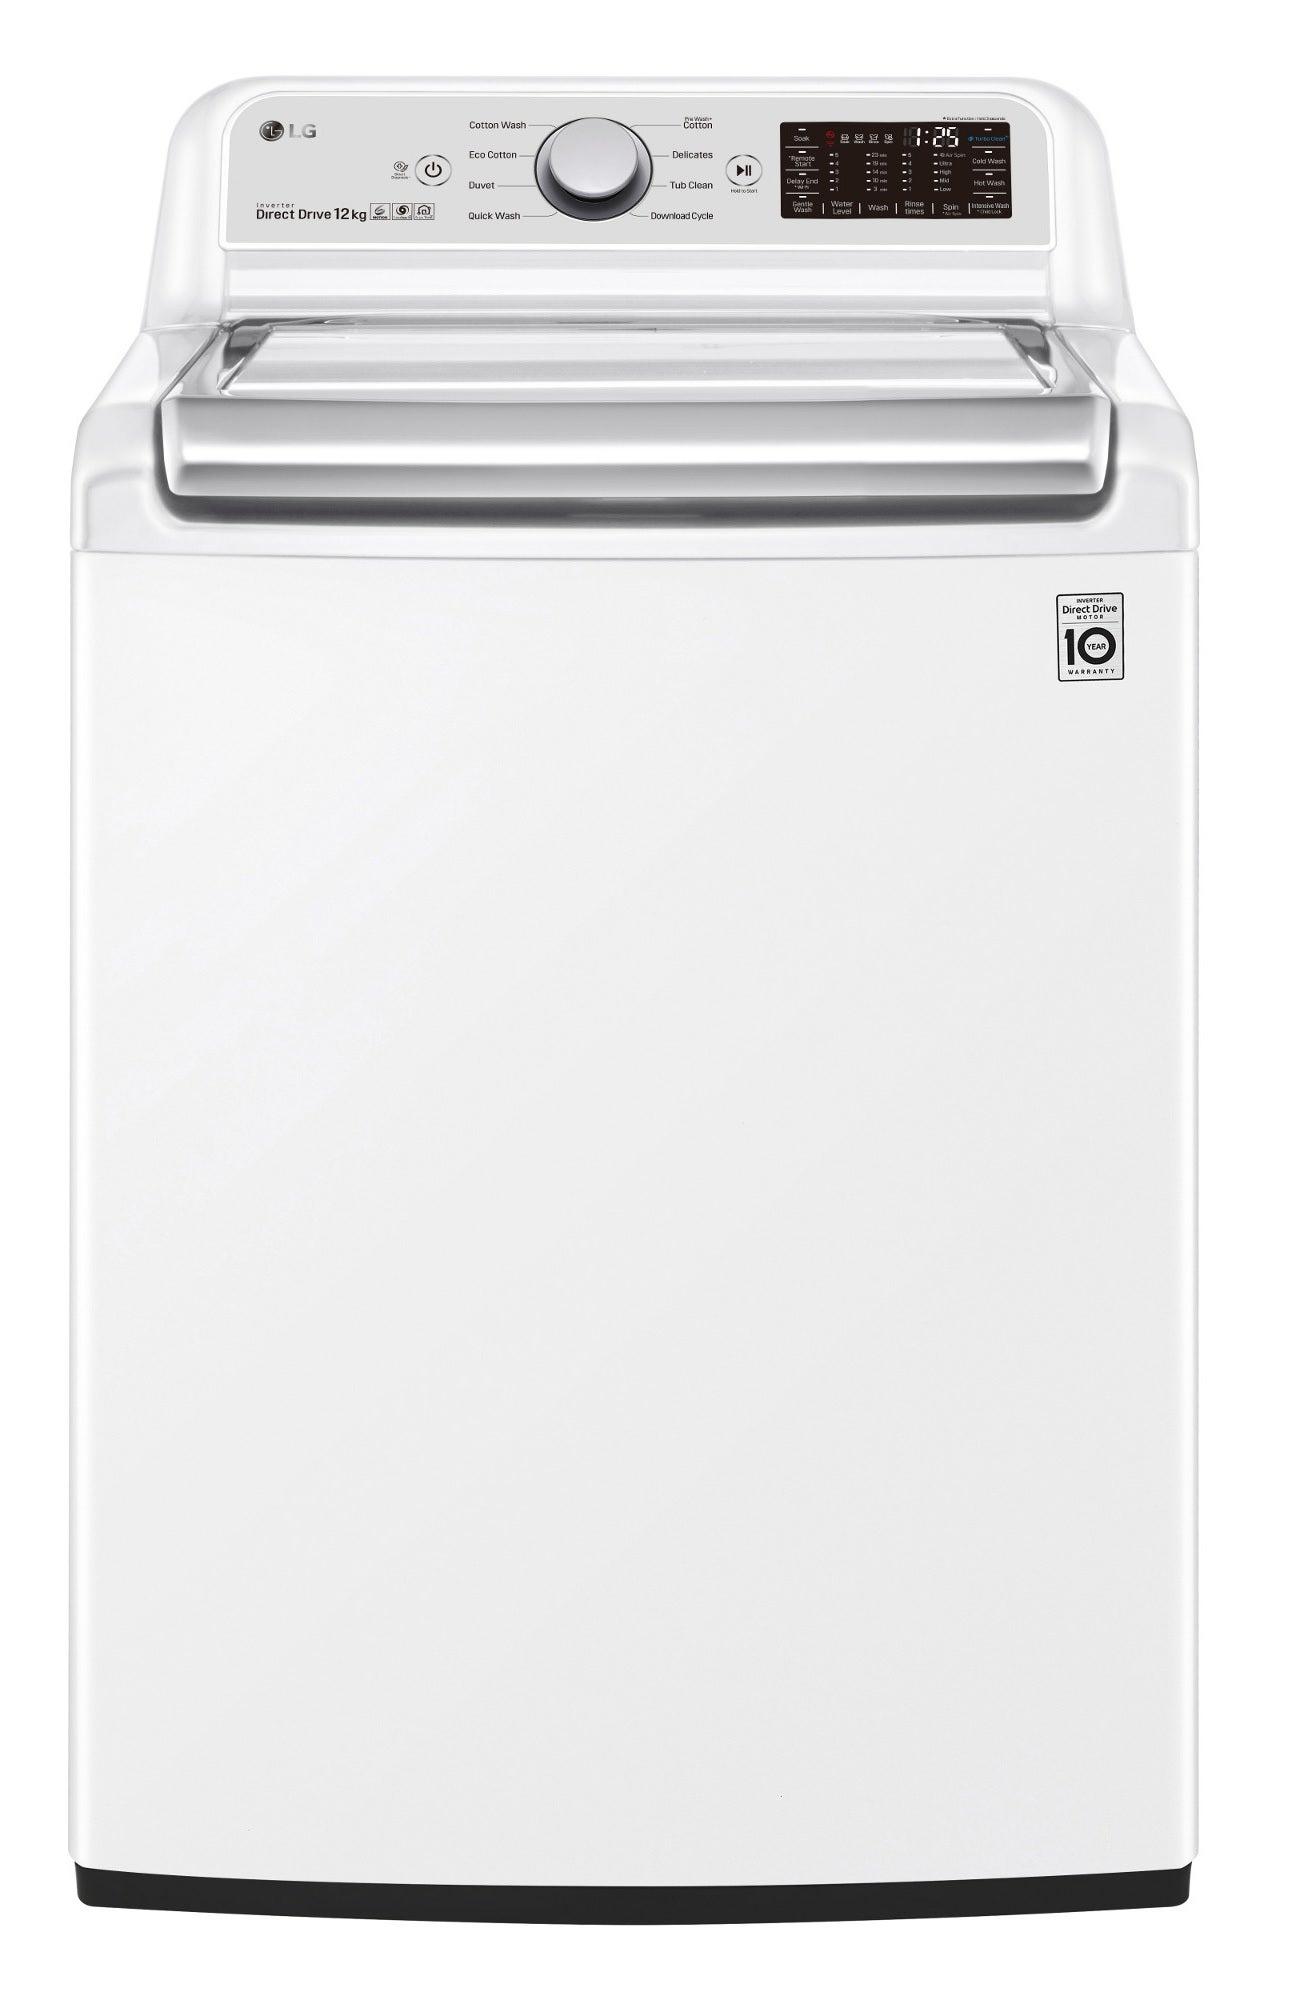 LG WTR1234WF Washing Machine